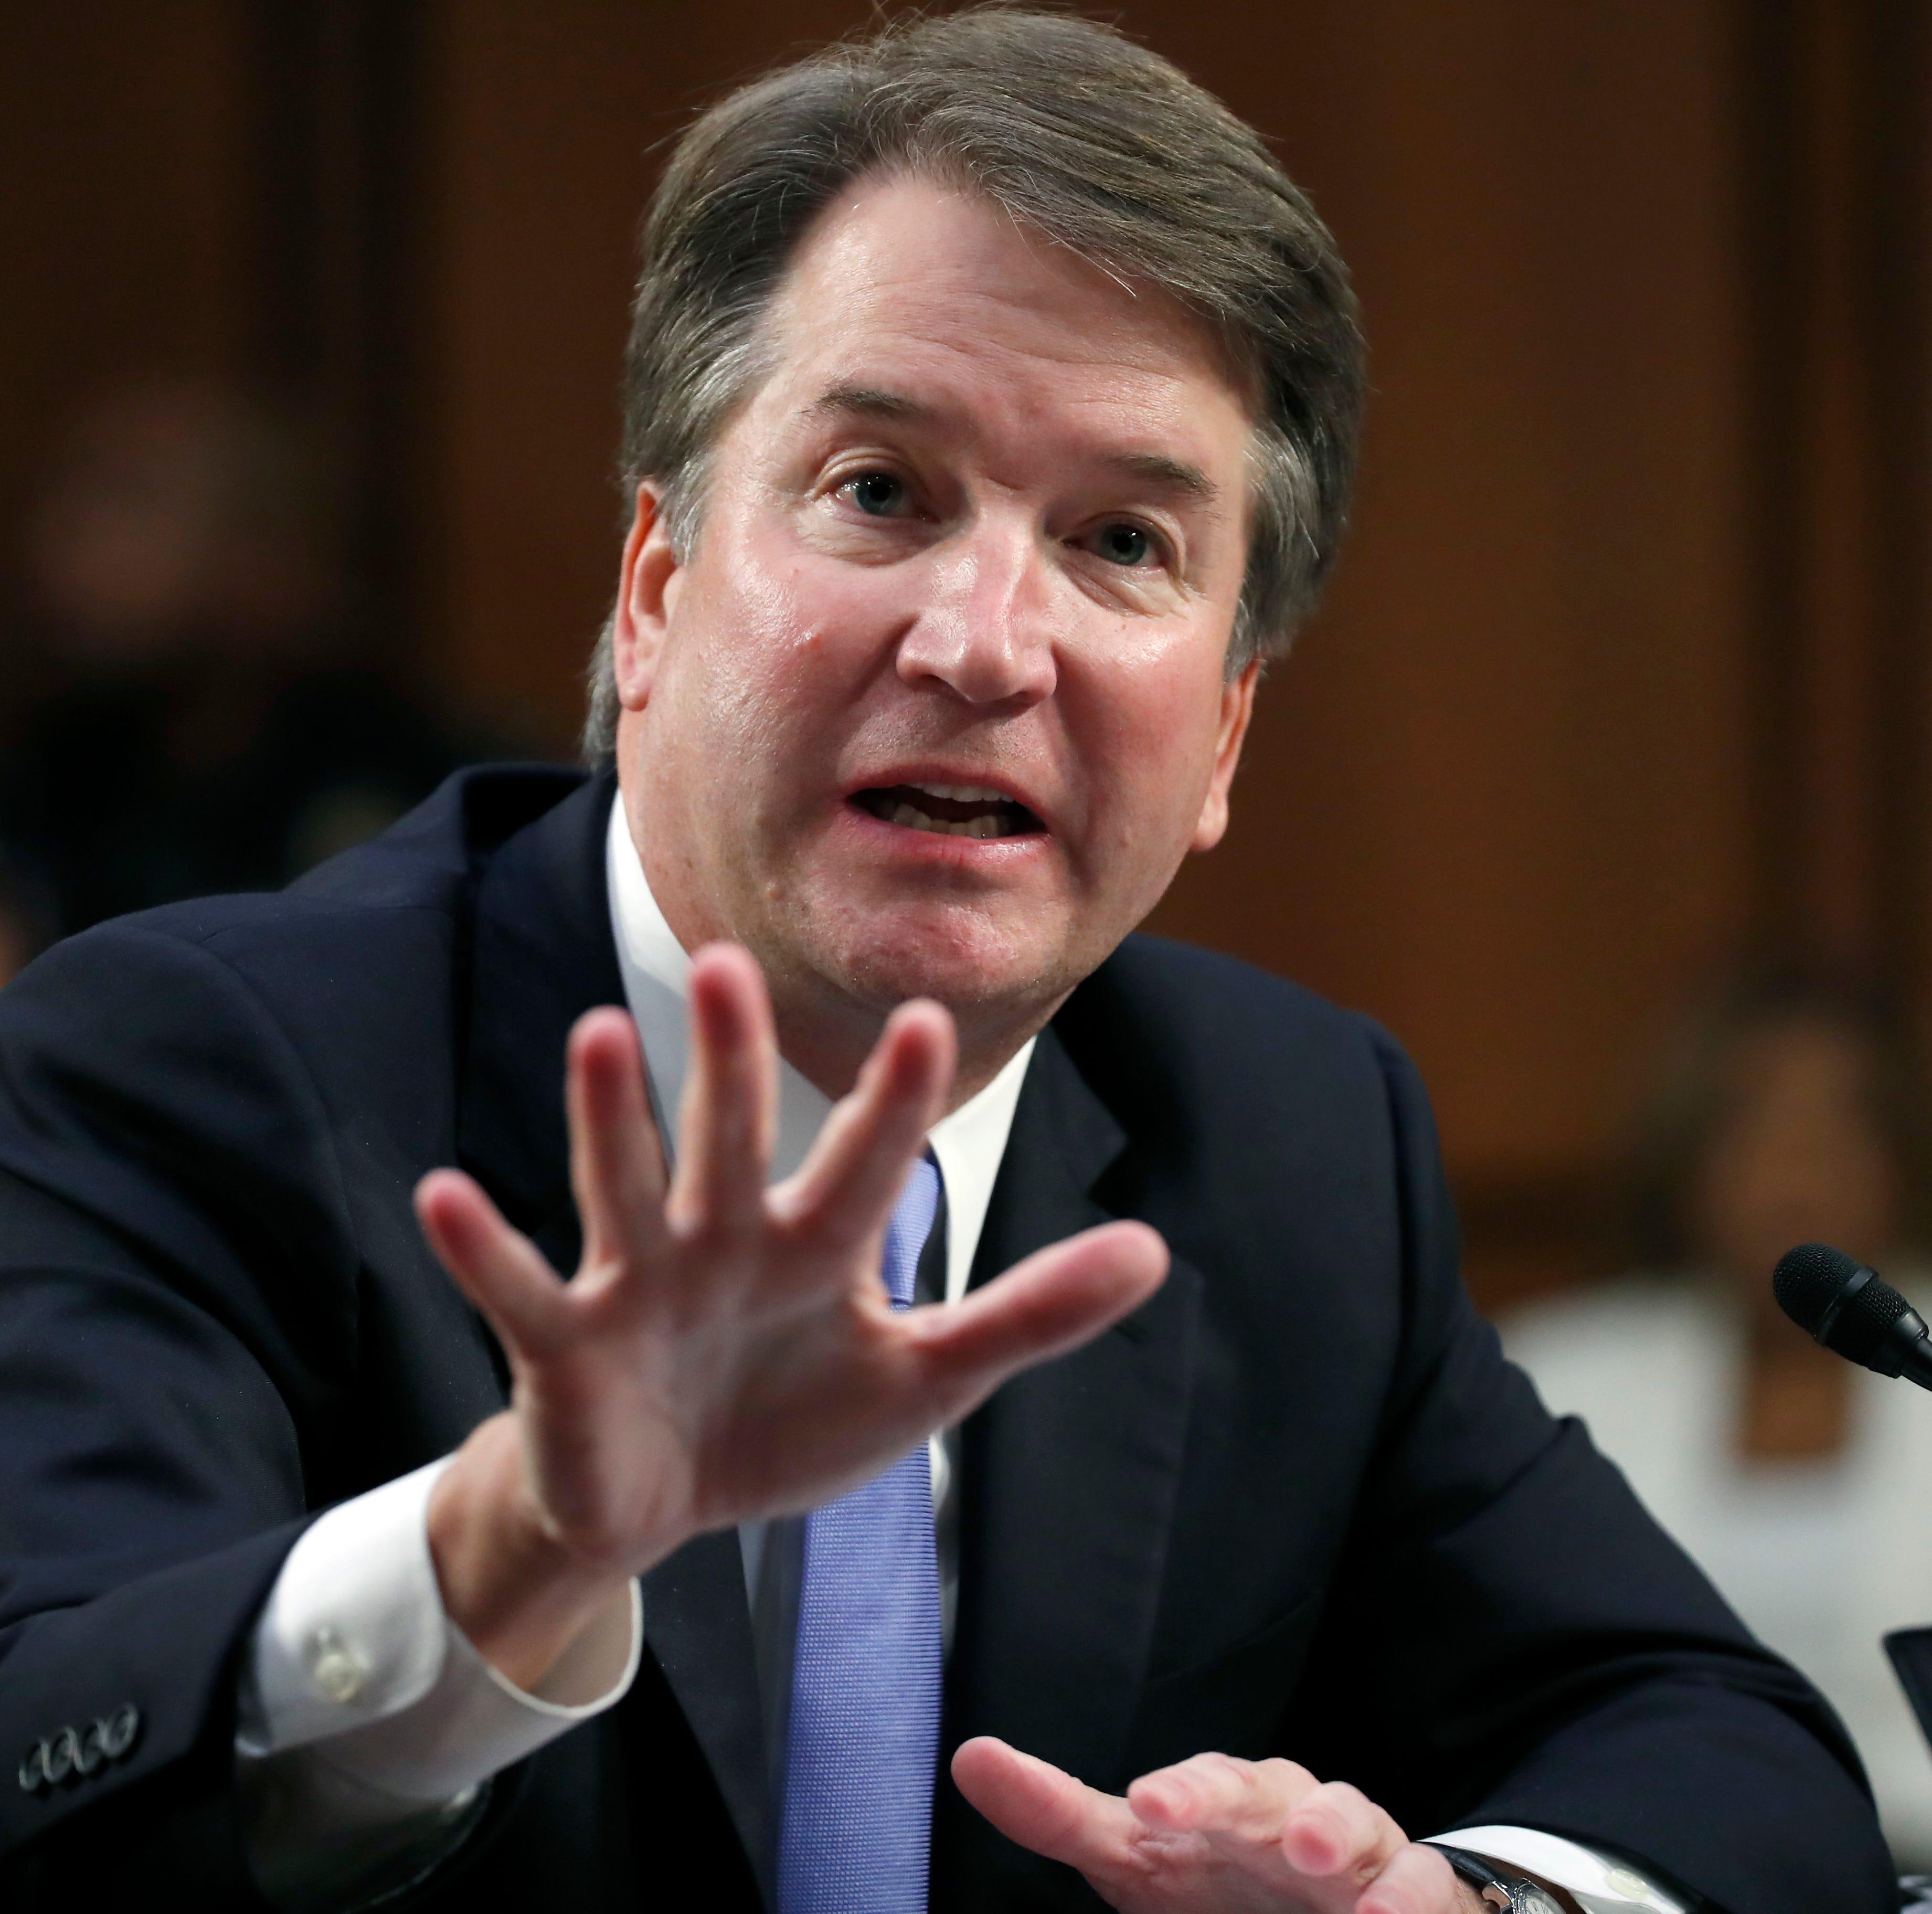 LETTER: Hypocrisy, grandstanding on Kavanaugh vote